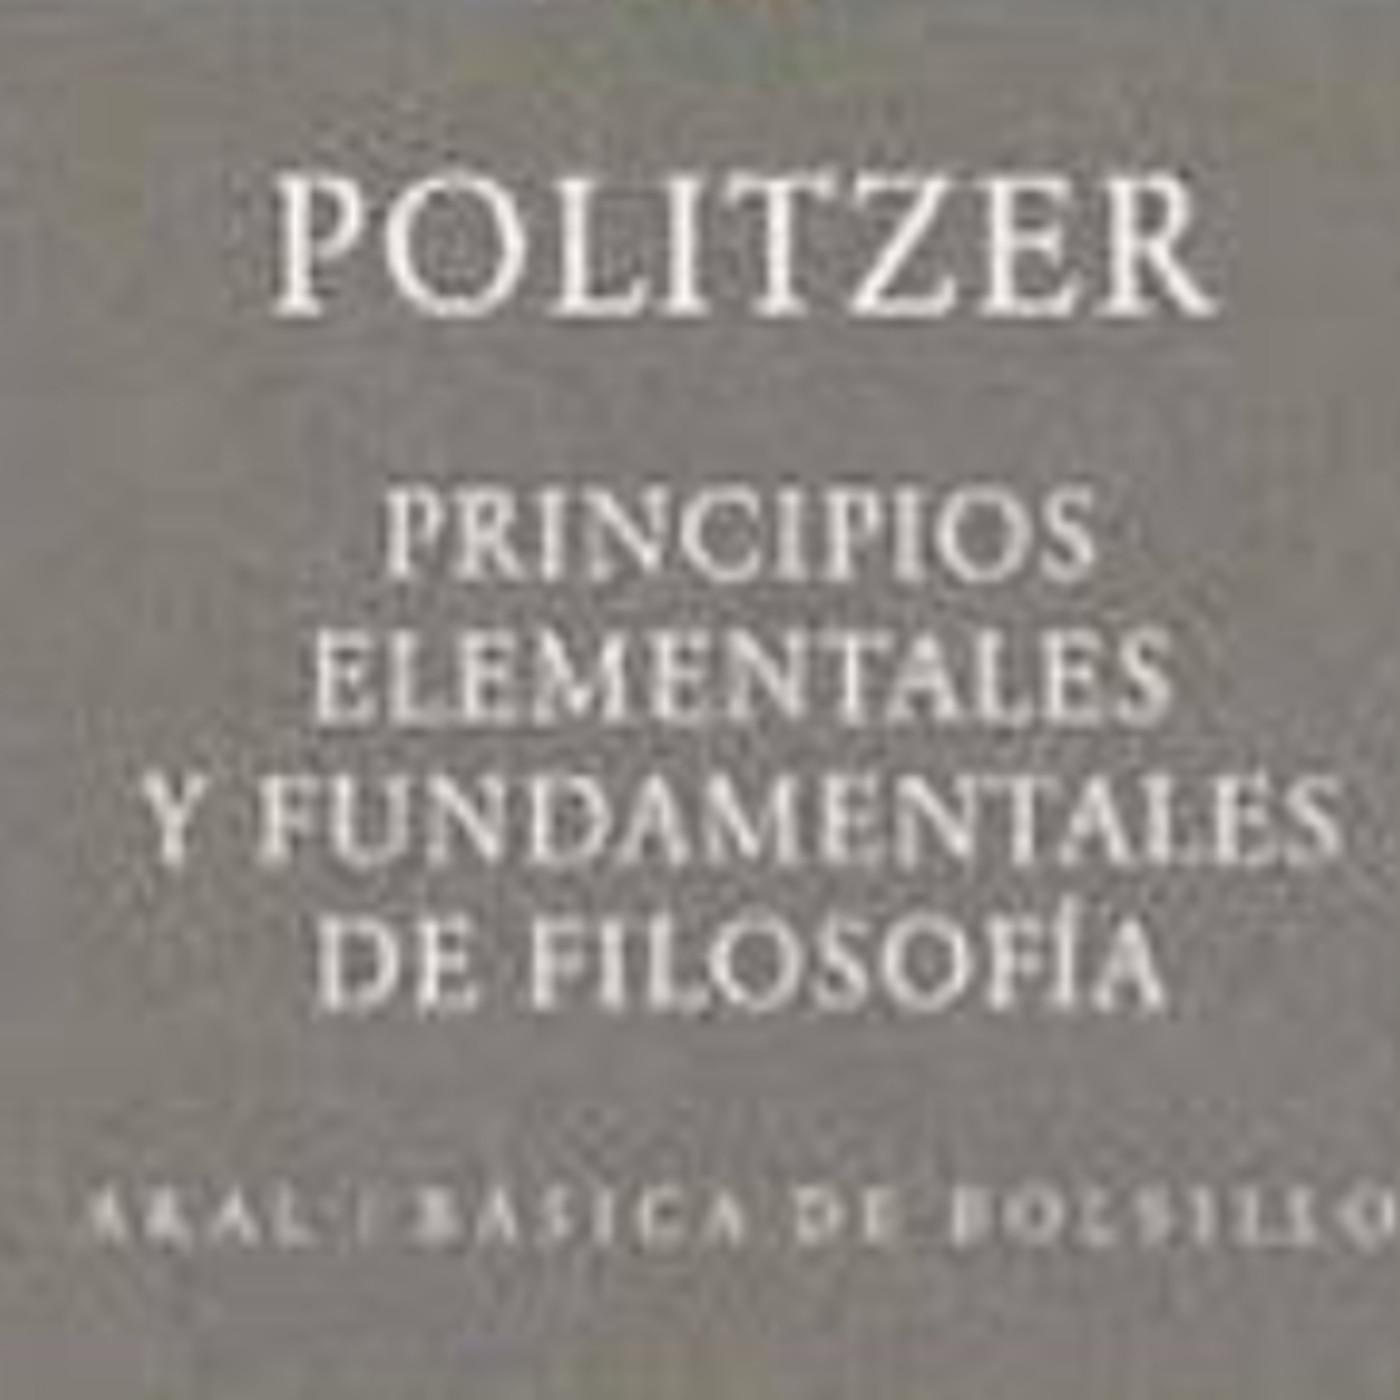 Principios elementales y fundamentales de la filosofia